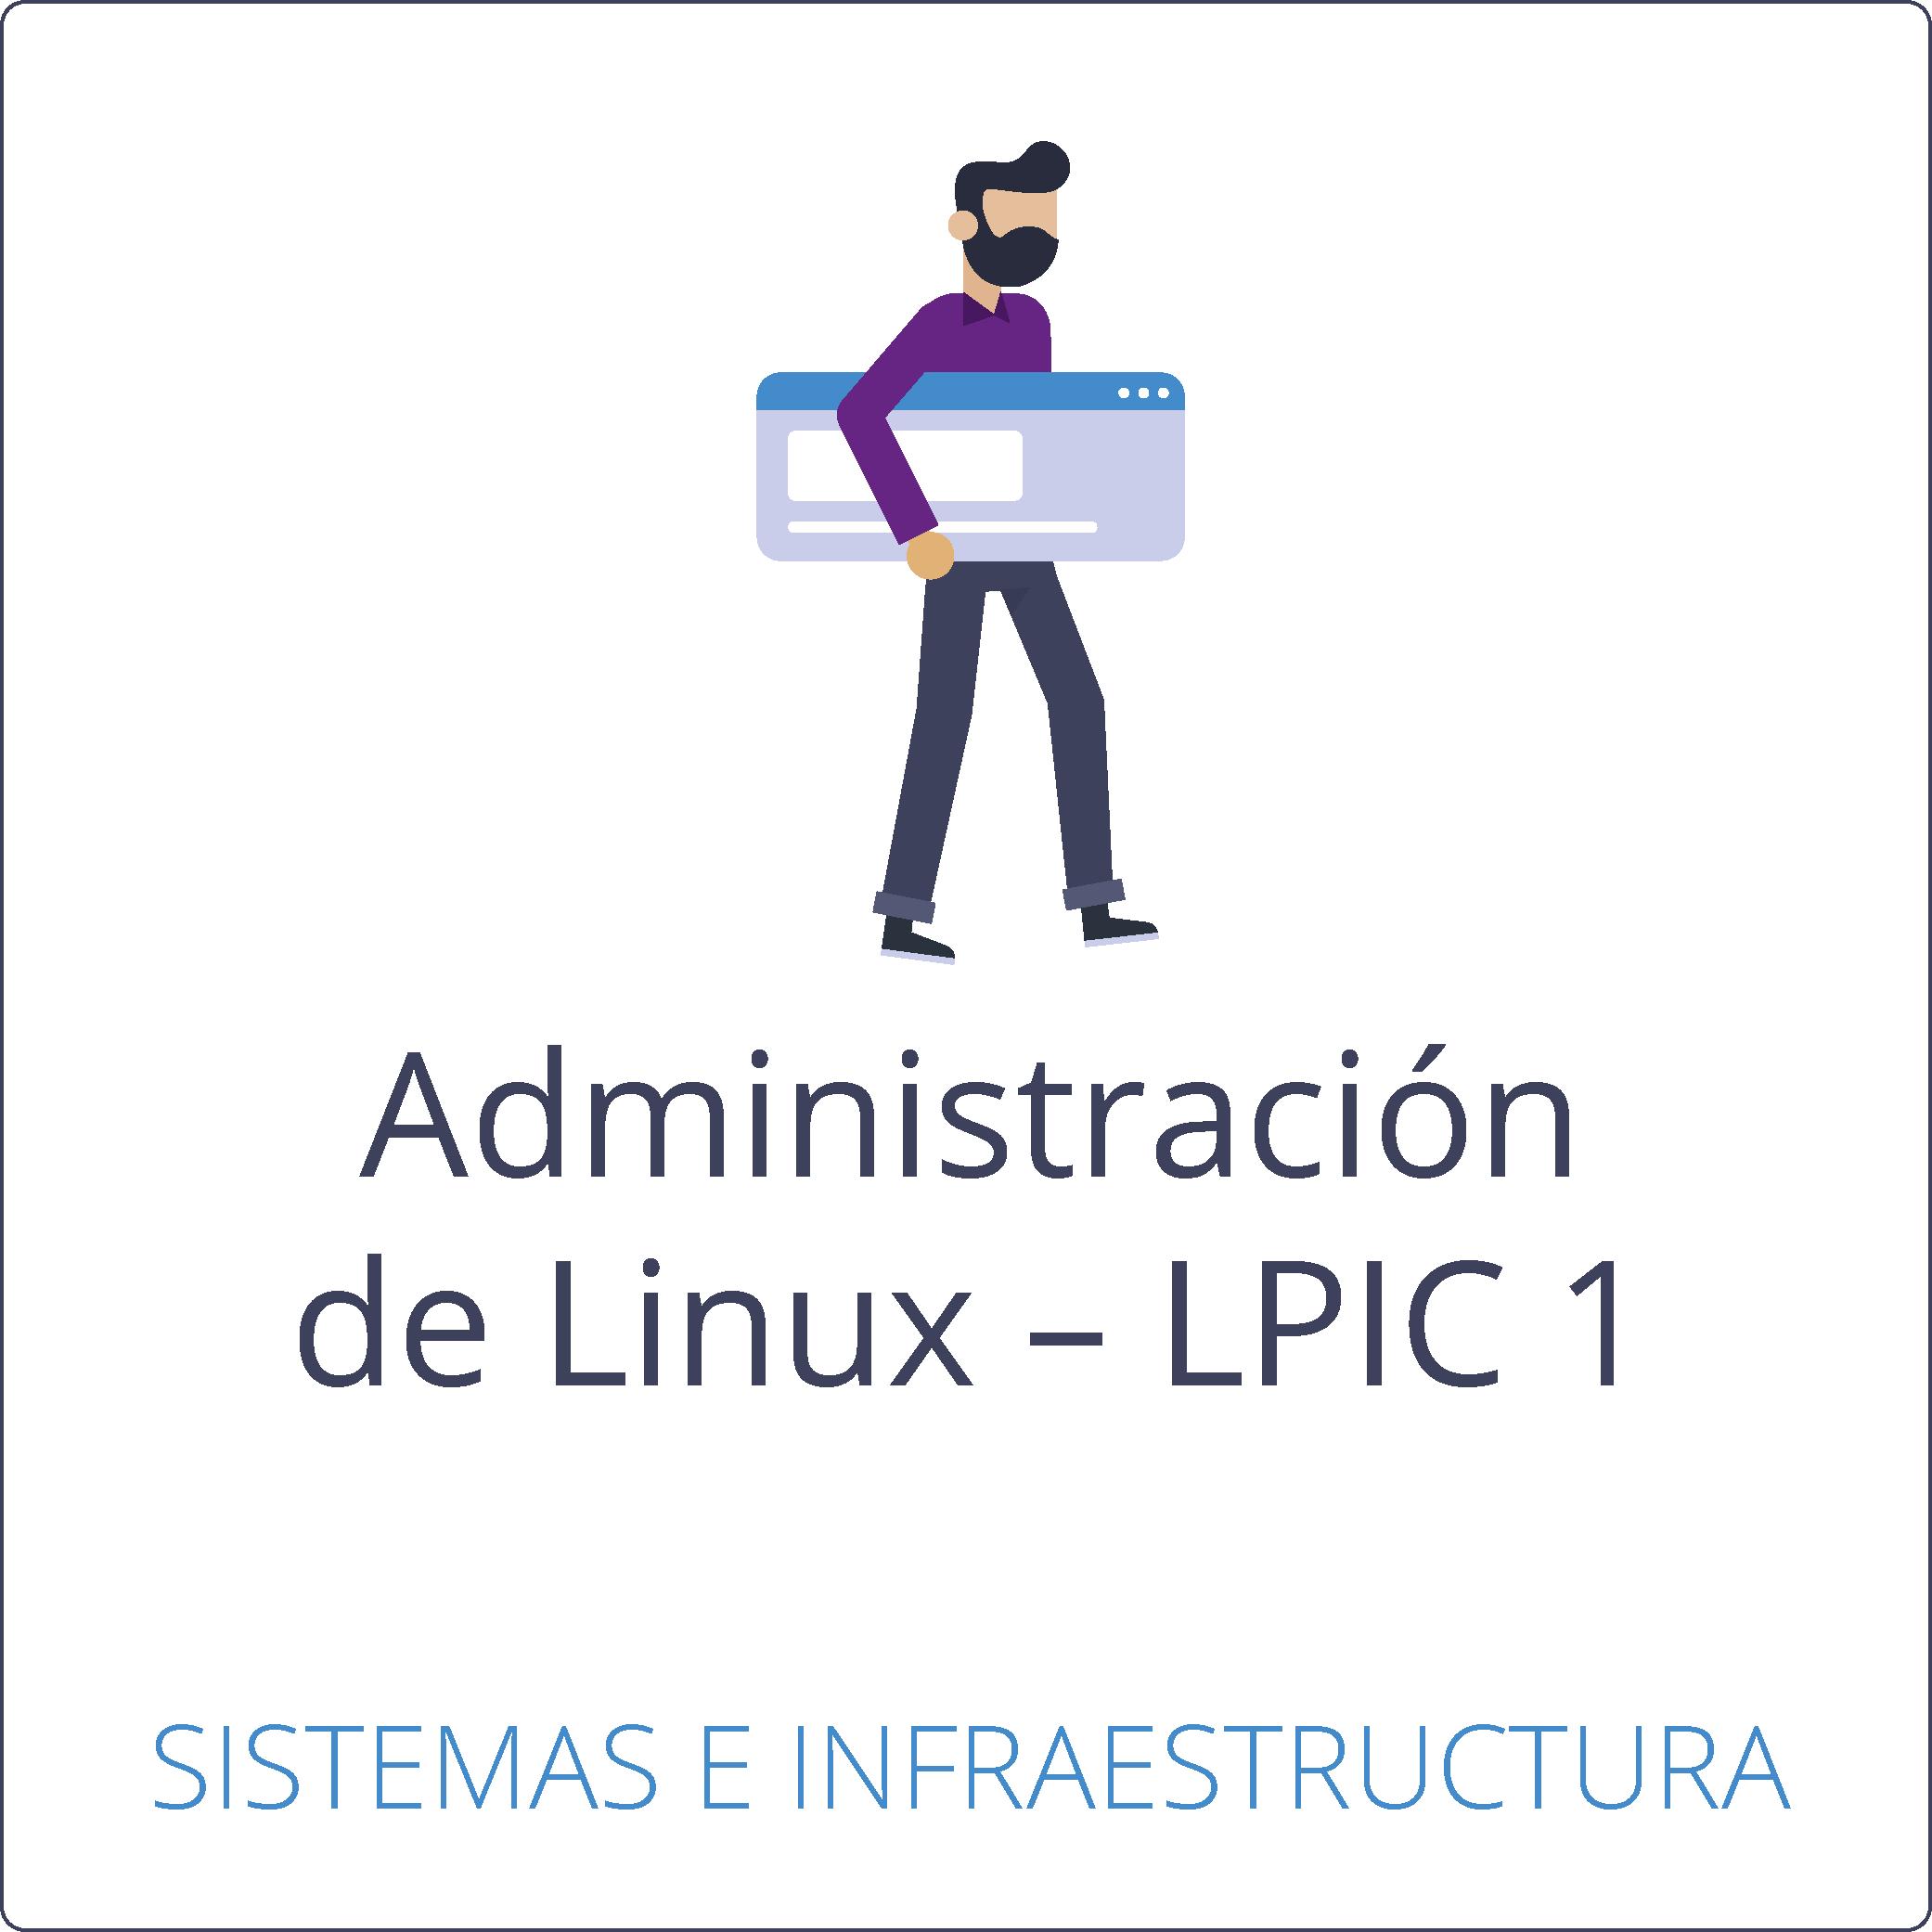 Administración de Linux – LPIC 1